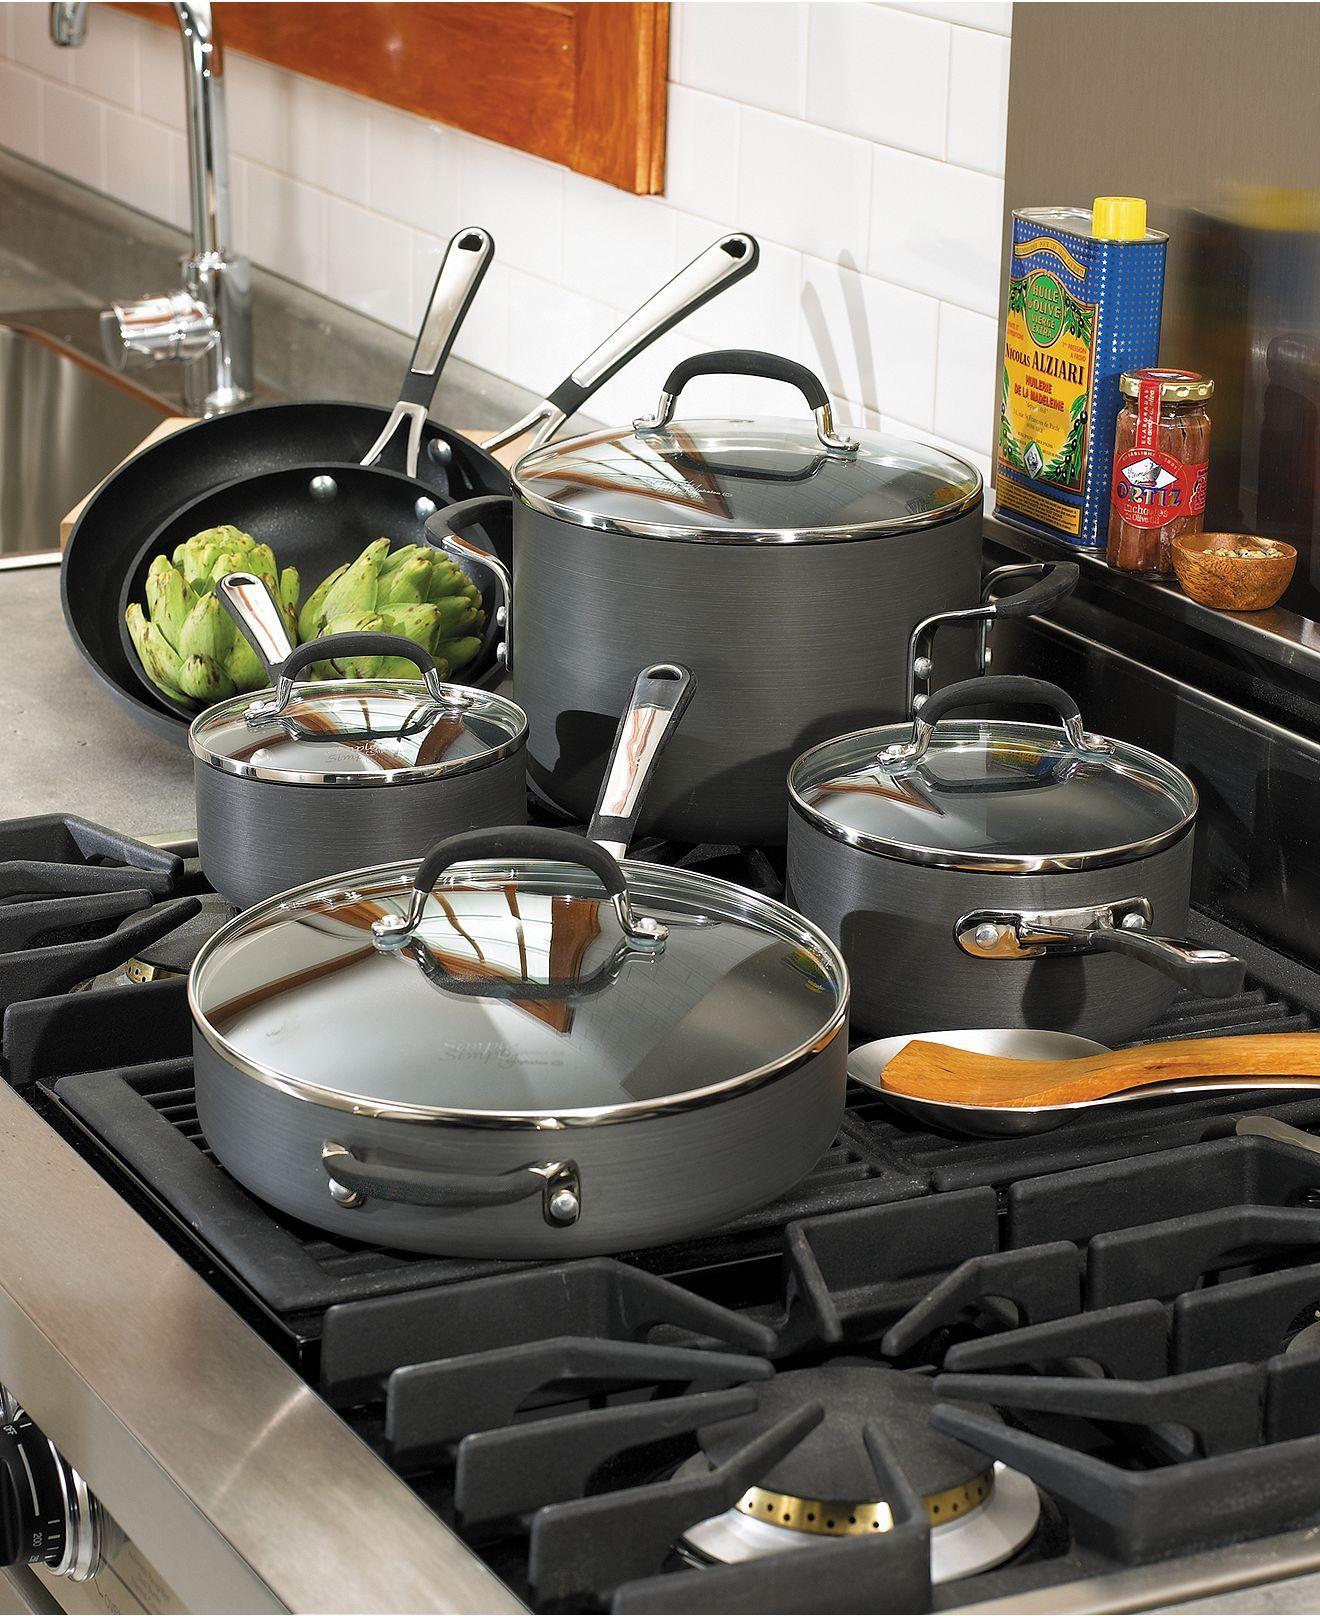 Calphalon Simply Nonstick Cookware, 10 Piece Set Kitchen